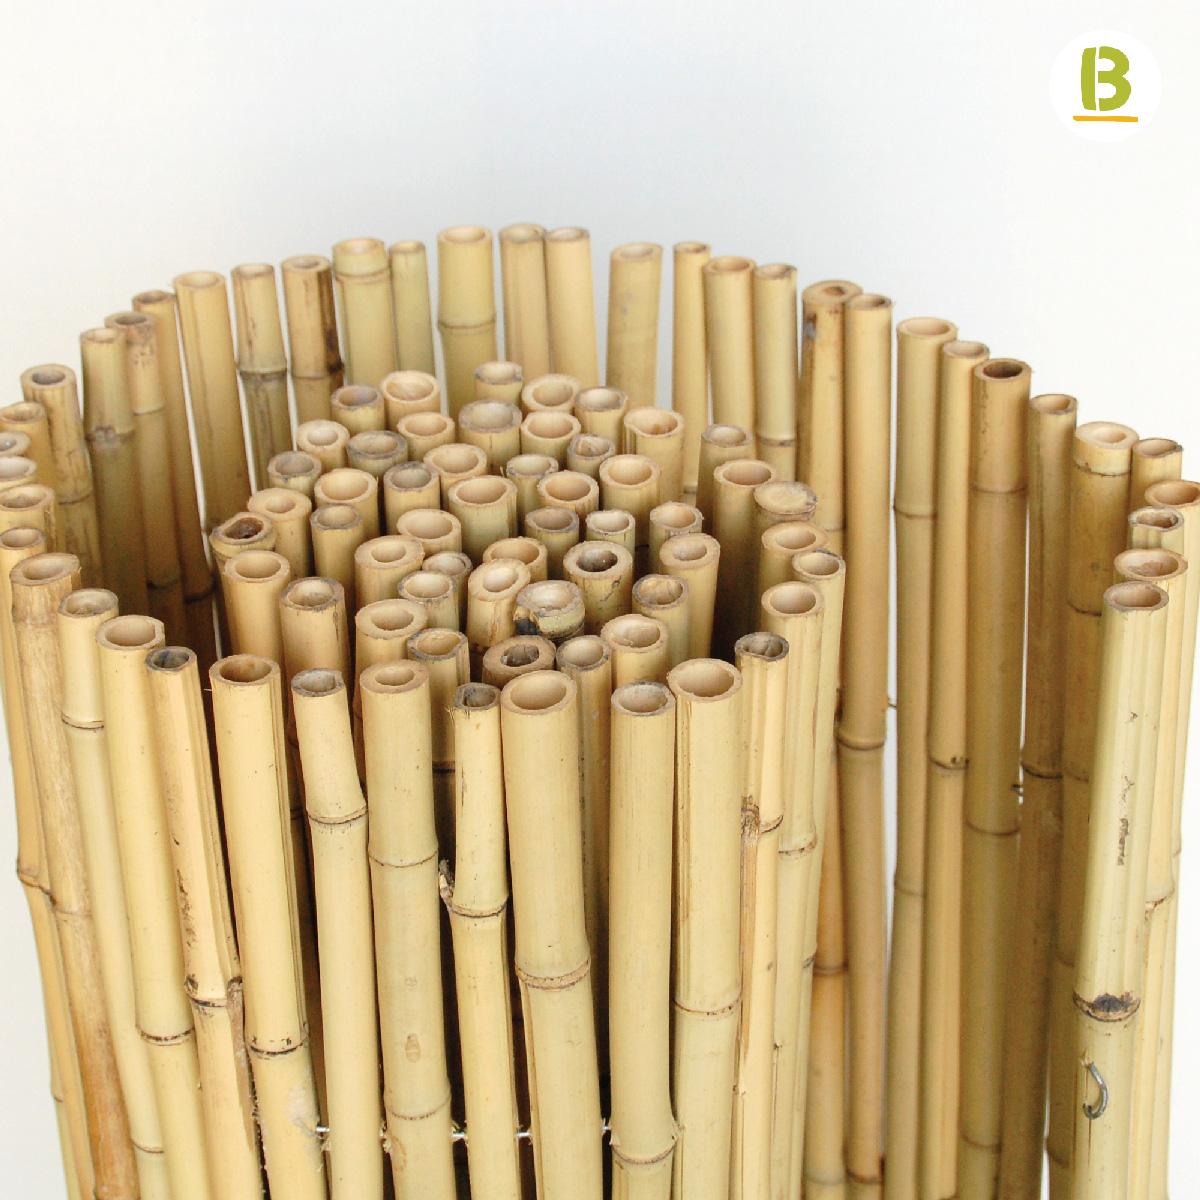 Rollos de bamb 25 bambusa estudio for Bambu seco para decoracion